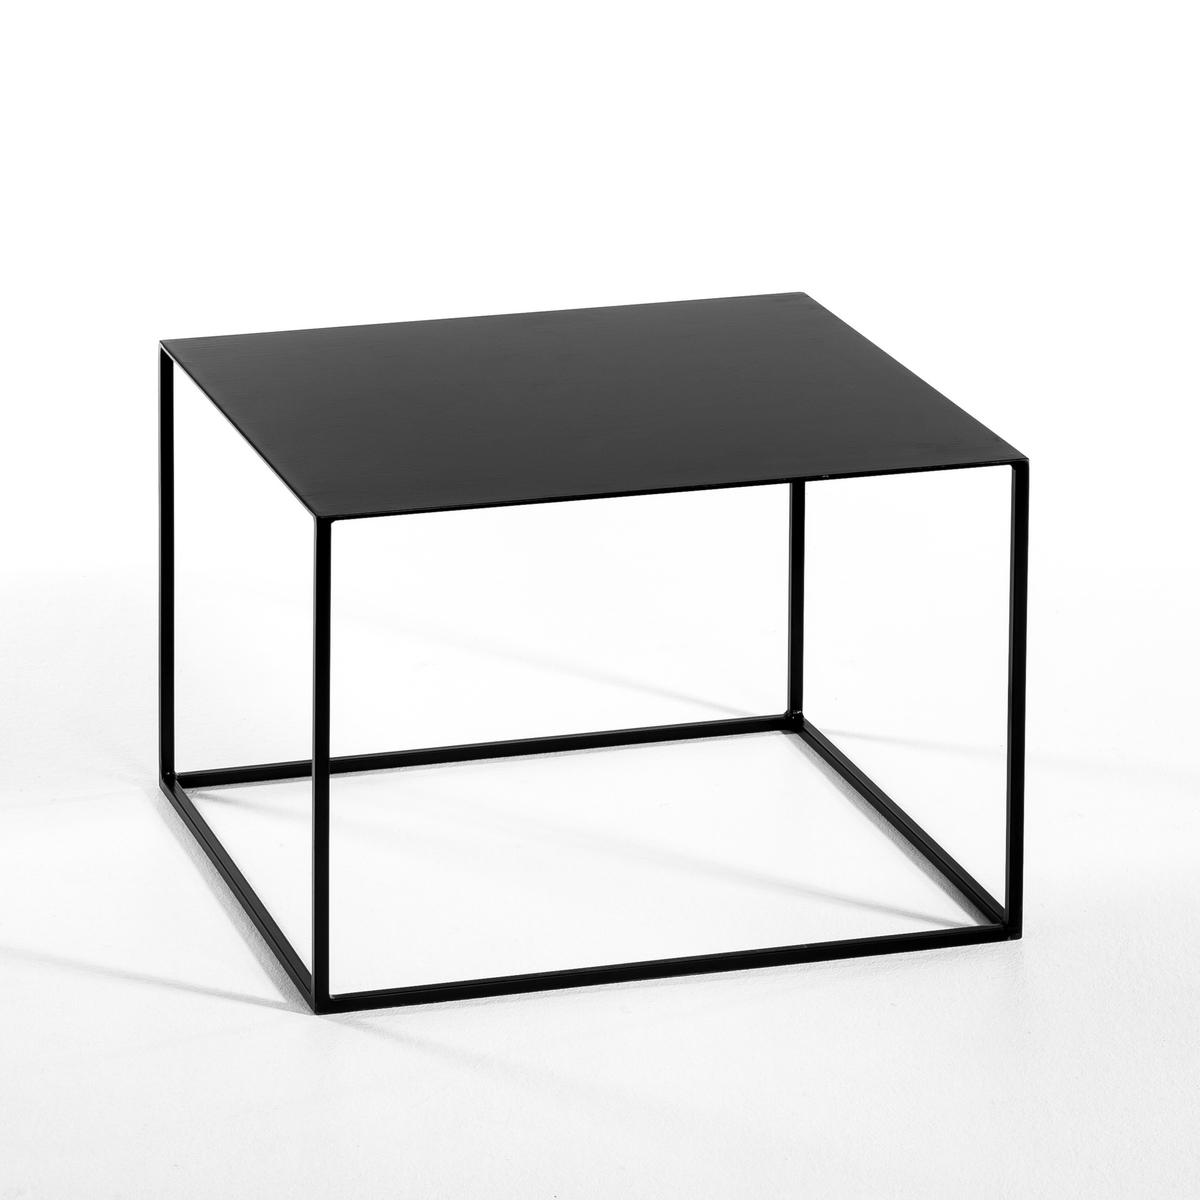 Столик La Redoute Romy квадратный единый размер черный наволочка la redoute flooch 50 x 30 см бежевый